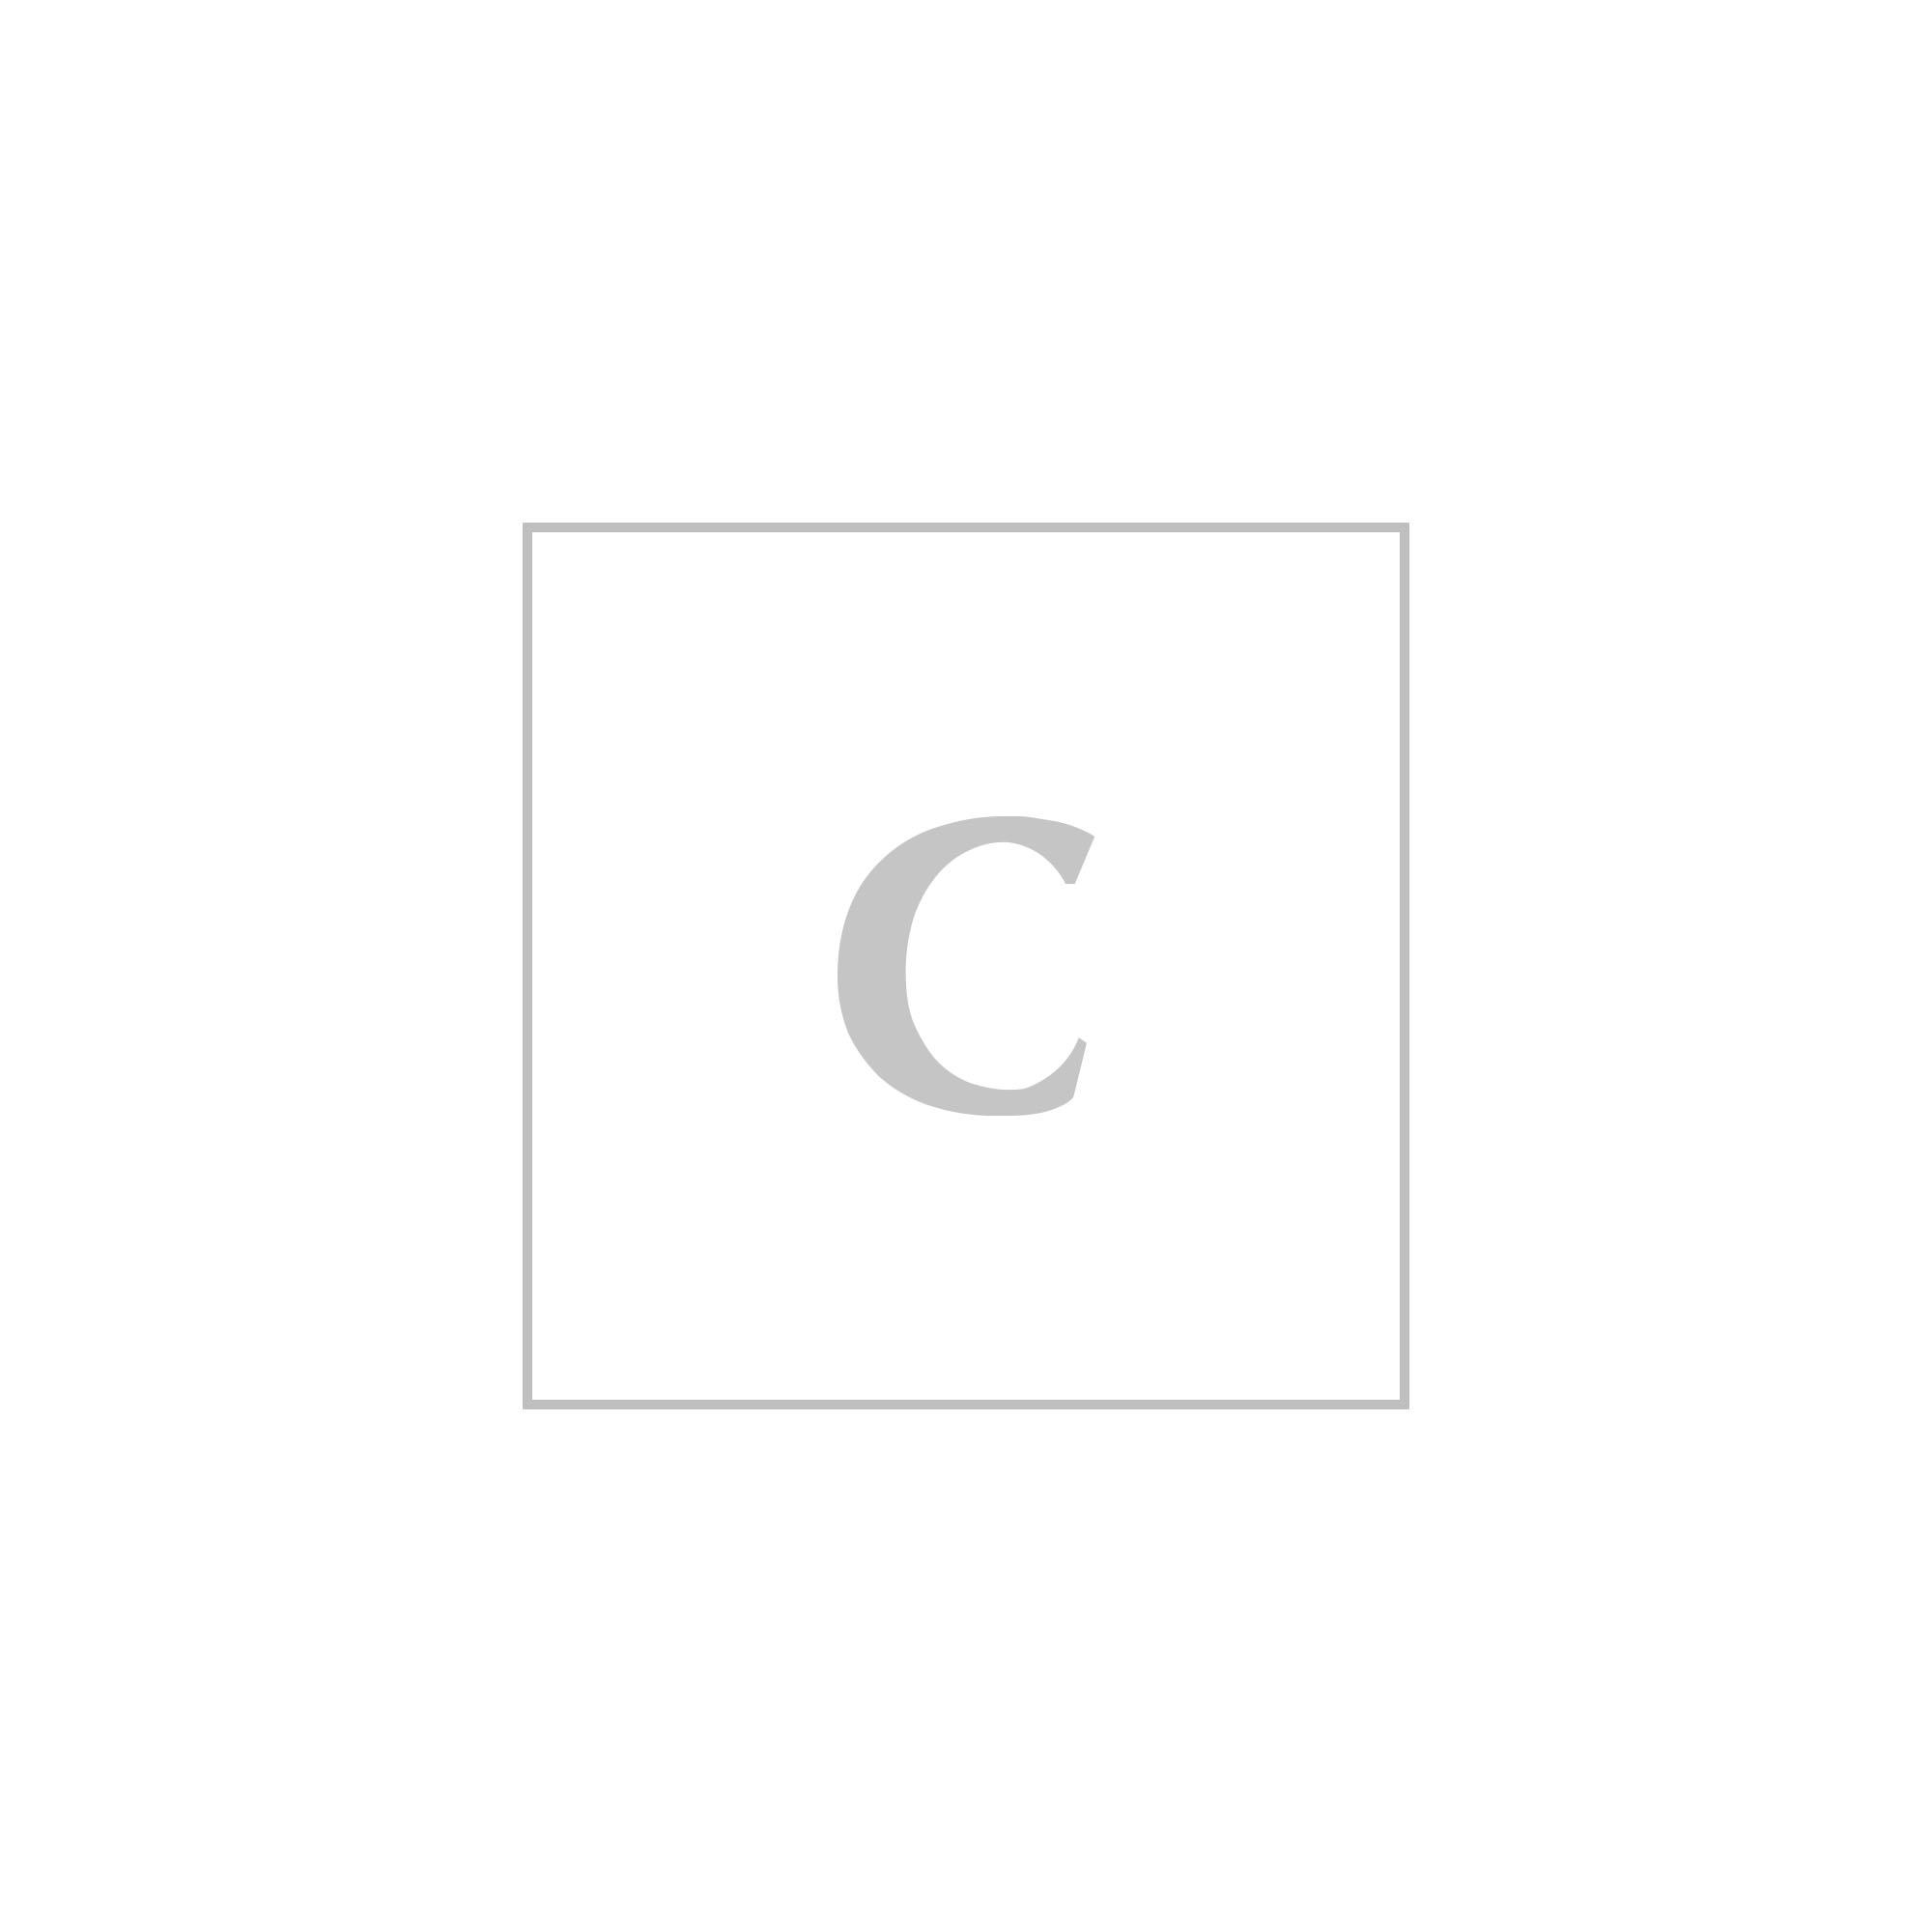 Dolce & gabbana grain calfskin crossbody bag